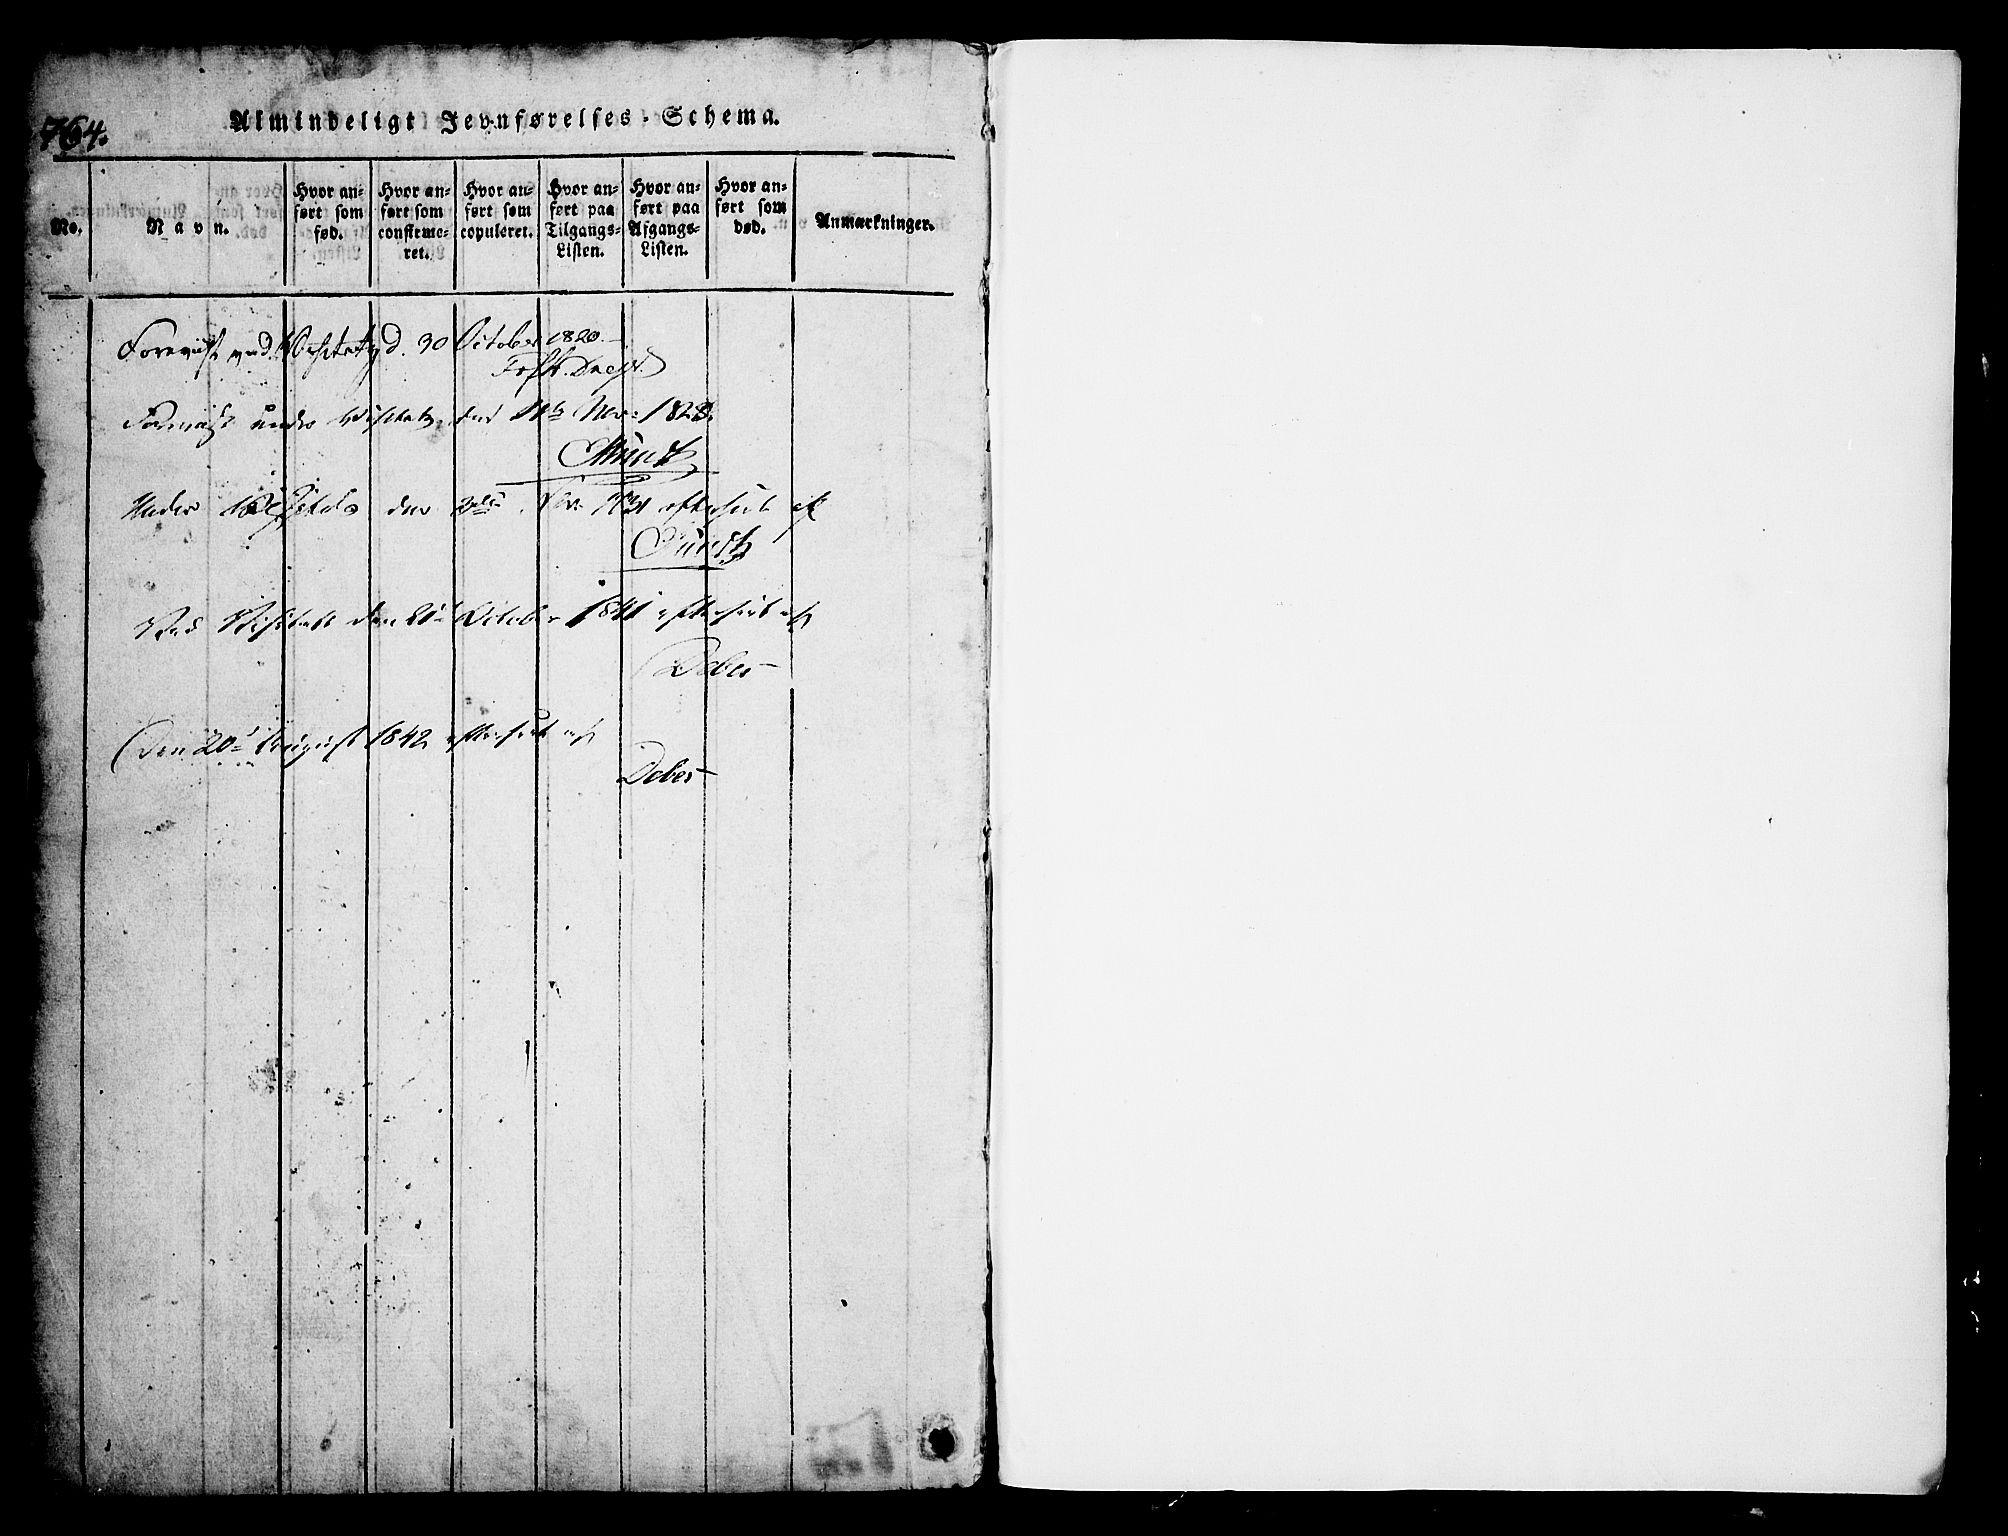 SAKO, Skien kirkebøker, G/Ga/L0002: Klokkerbok nr. 2, 1814-1842, s. 764-765